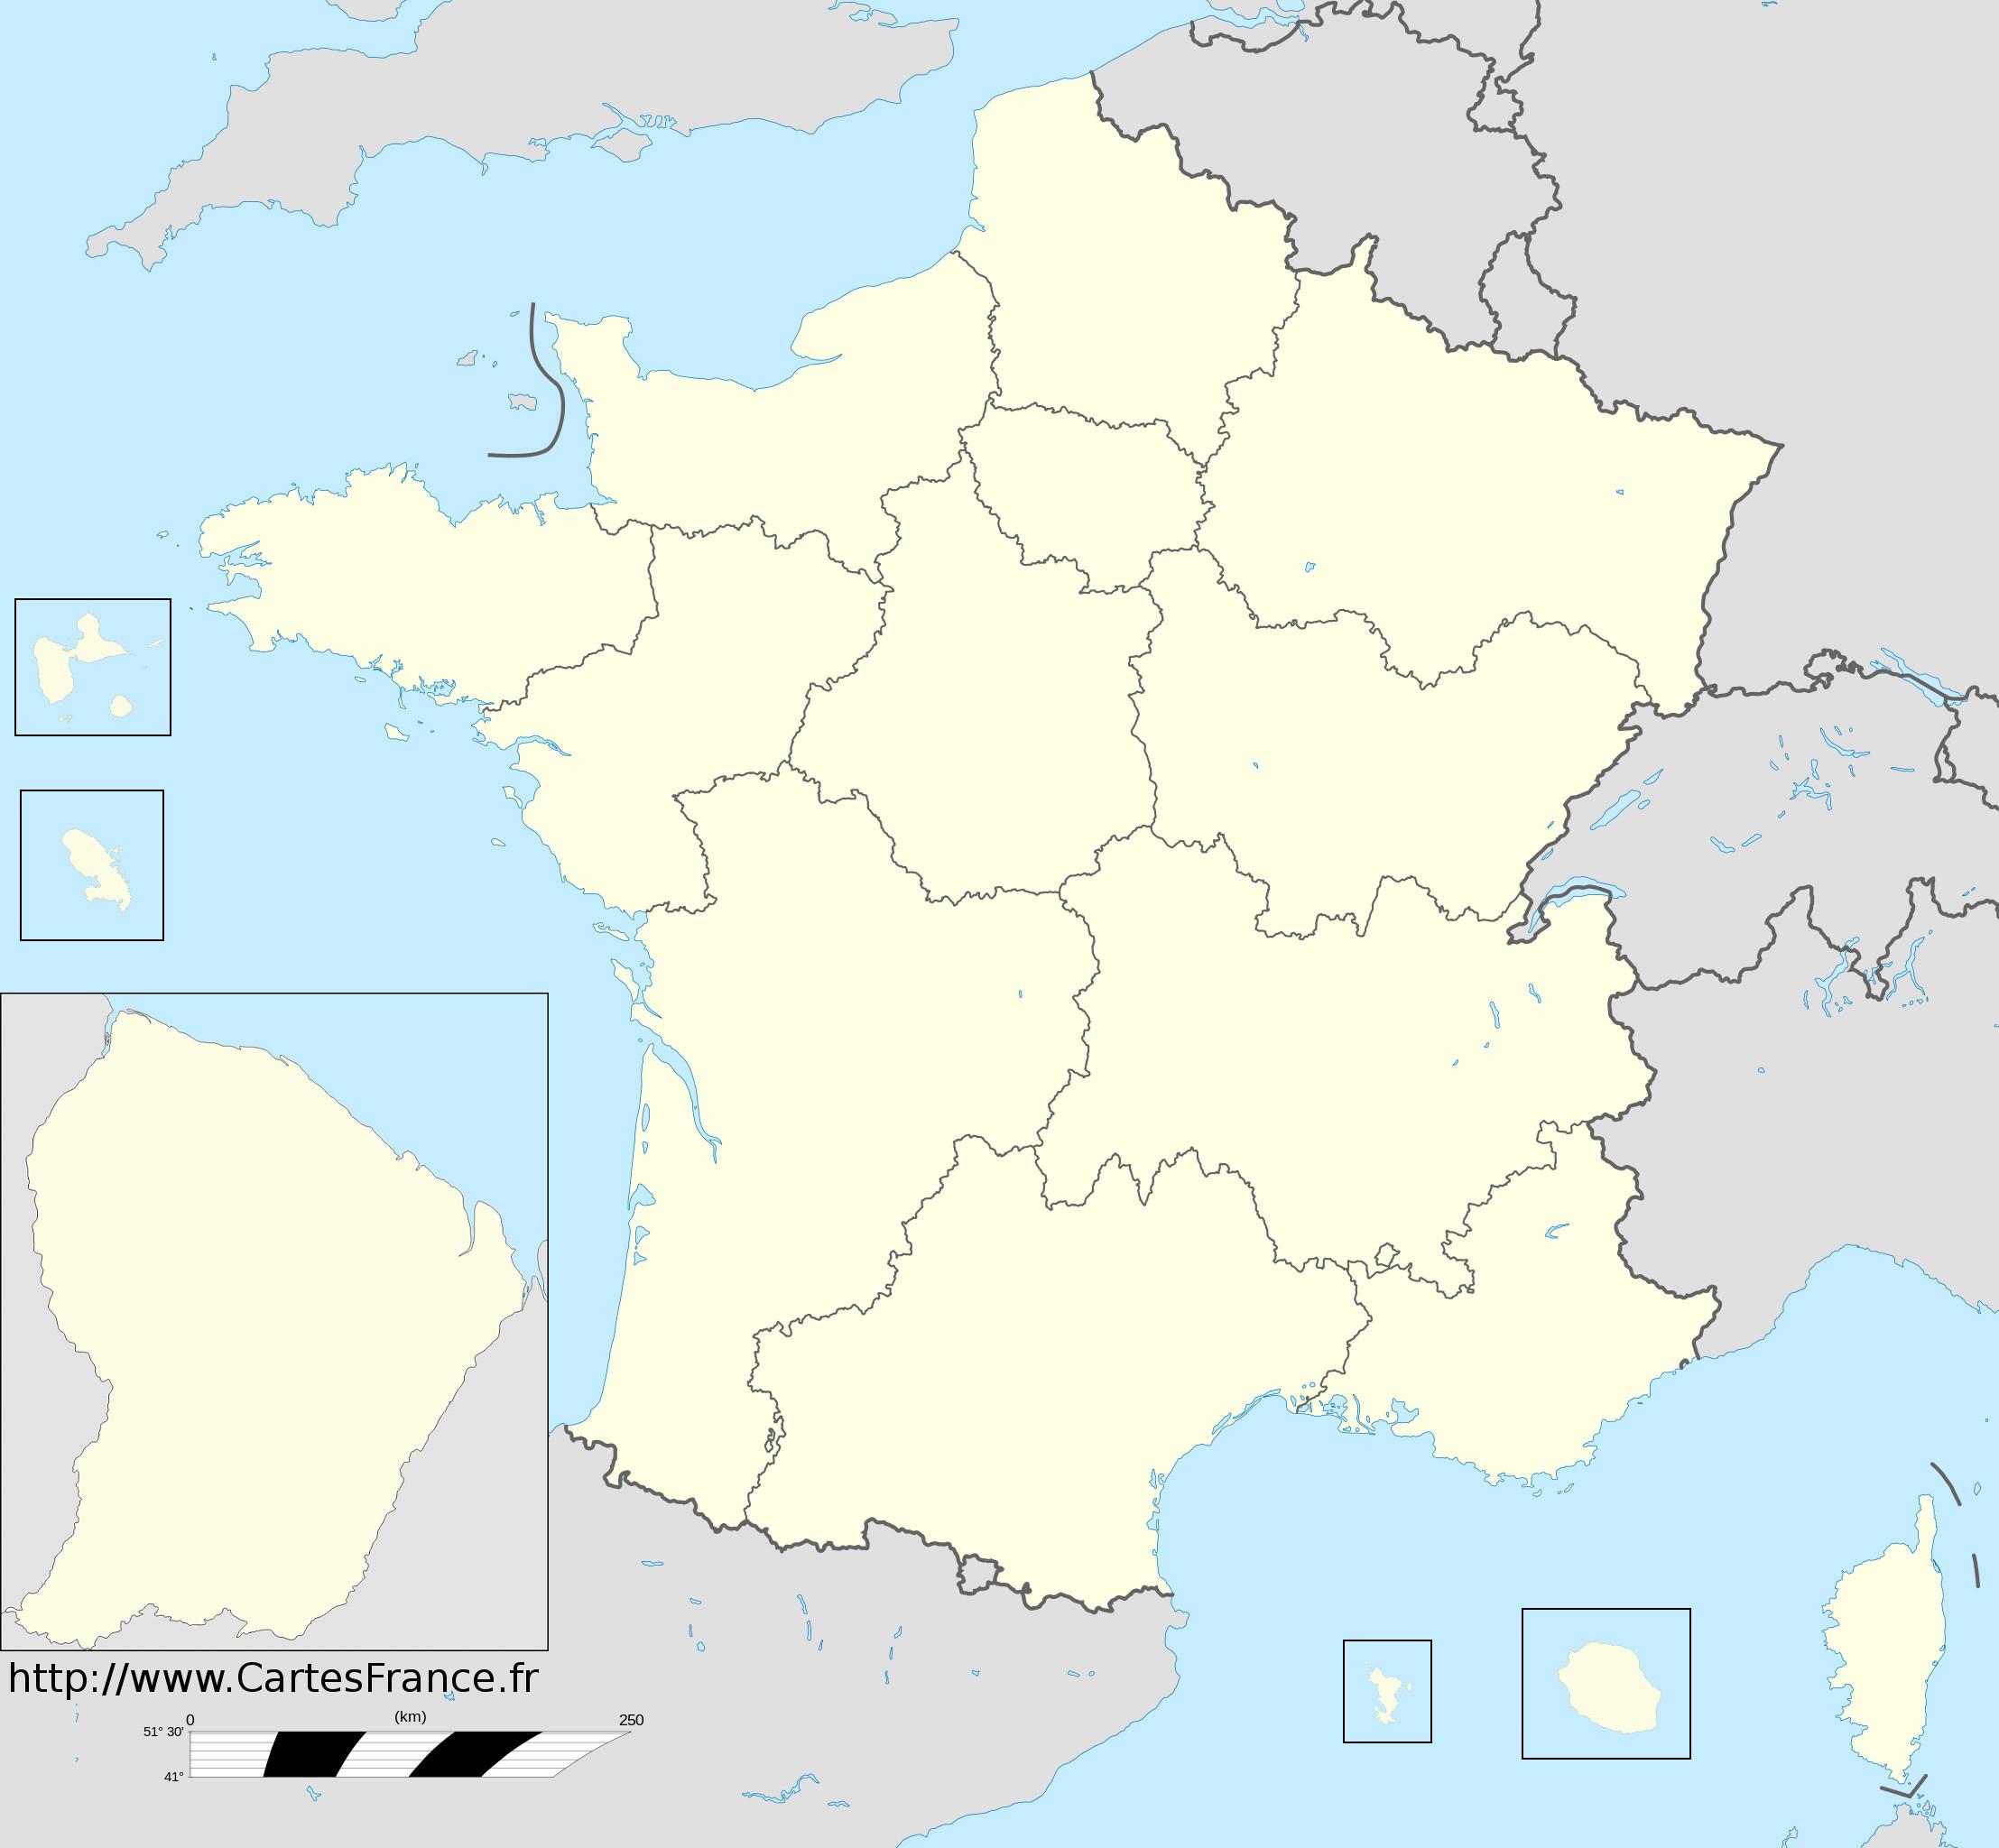 Fonds De Cartes De France dedans Carte De France Vierge A Imprimer